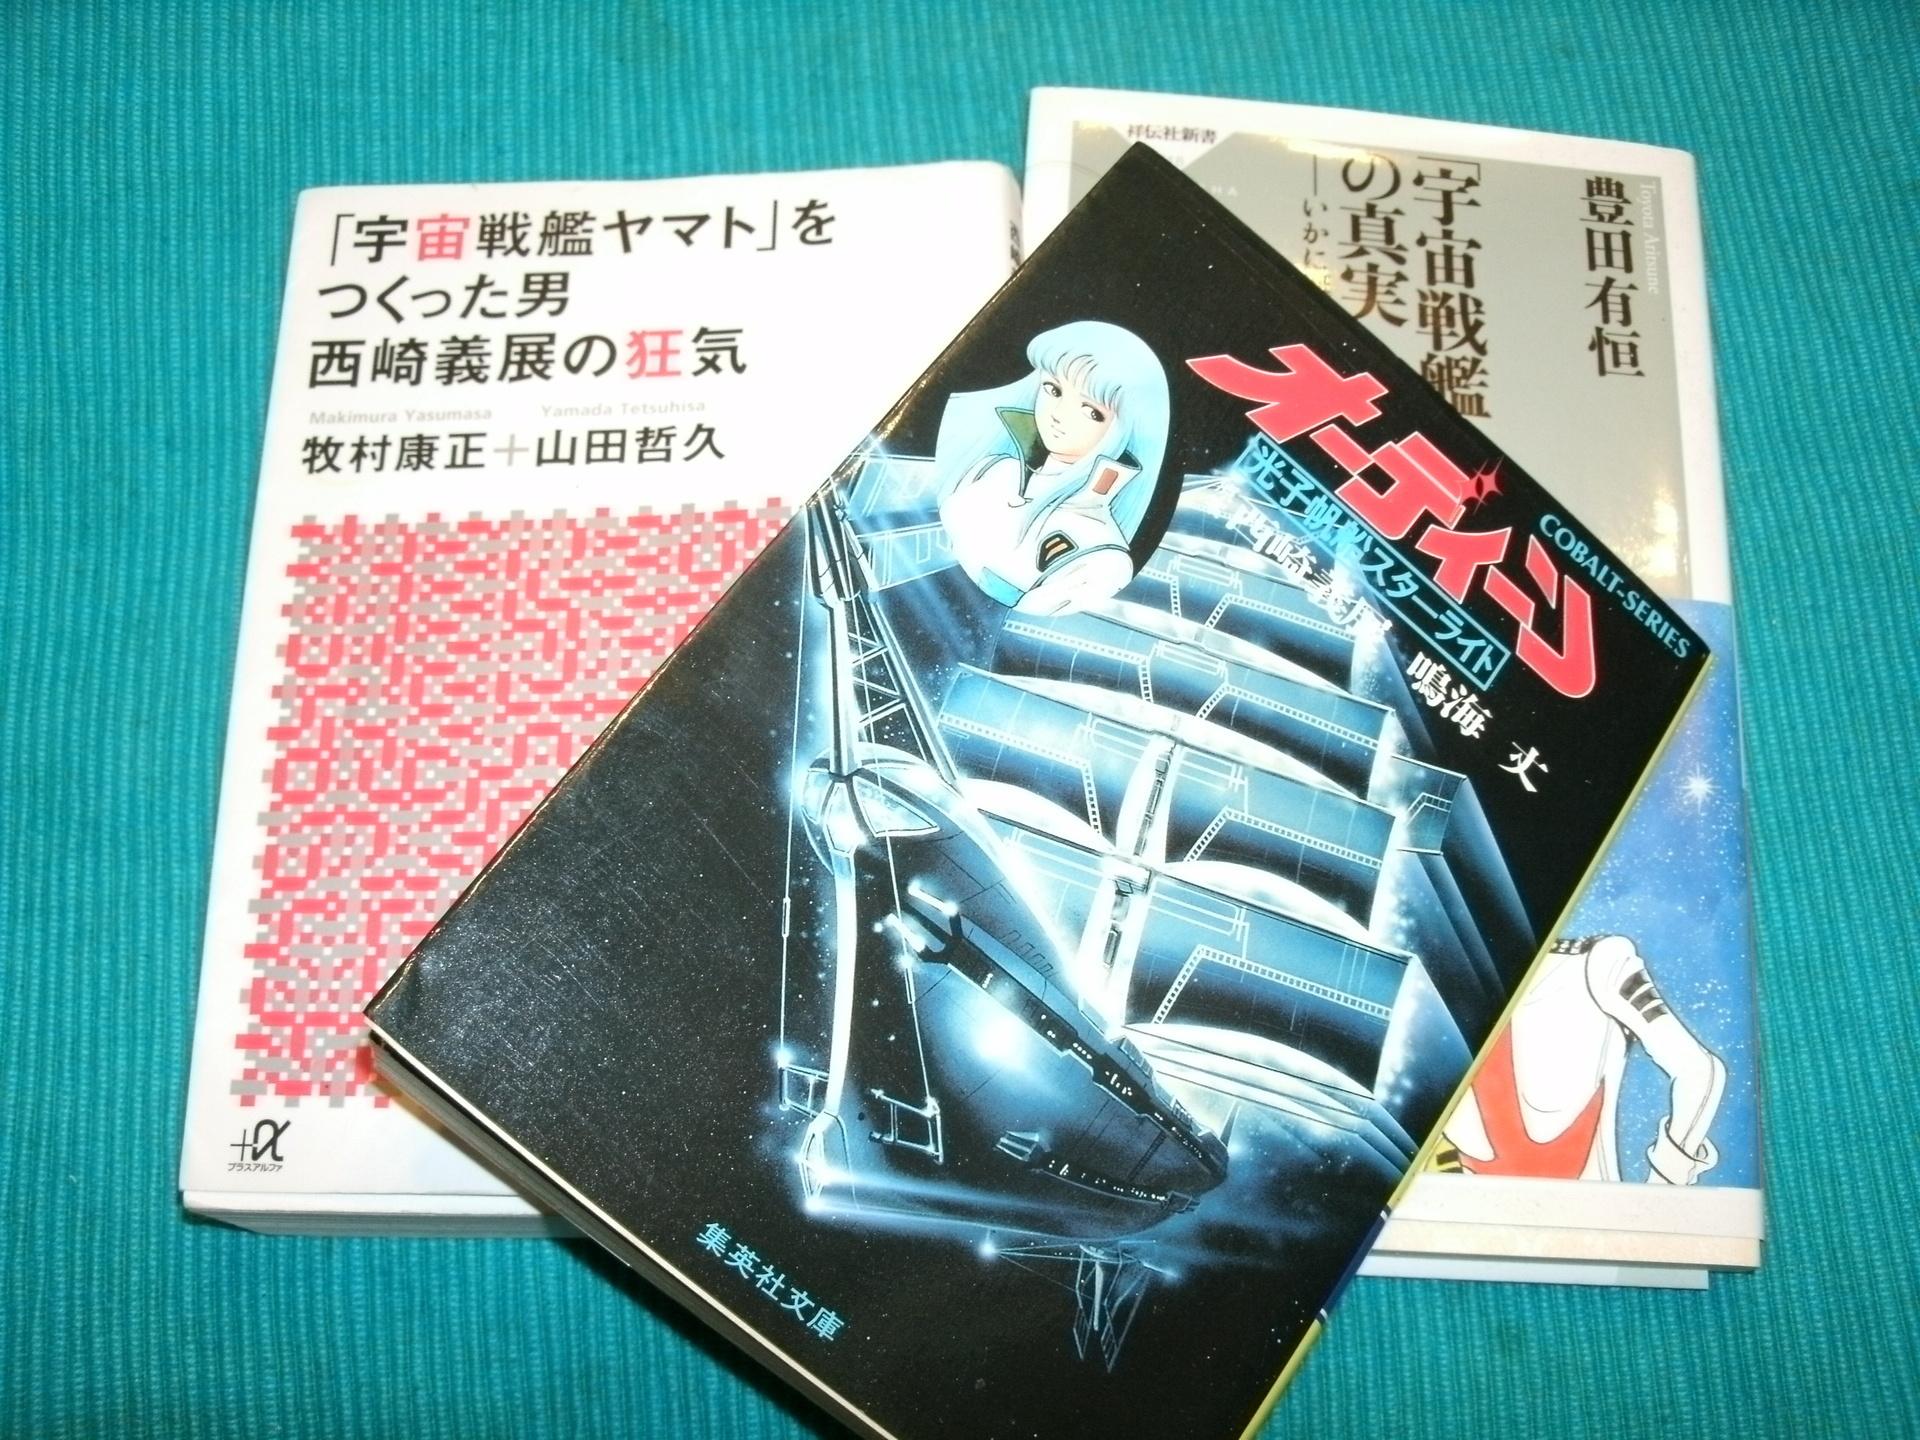 2019年1月1日「オーディーン 光子帆船スターライト」(集英社文庫その1.JPG